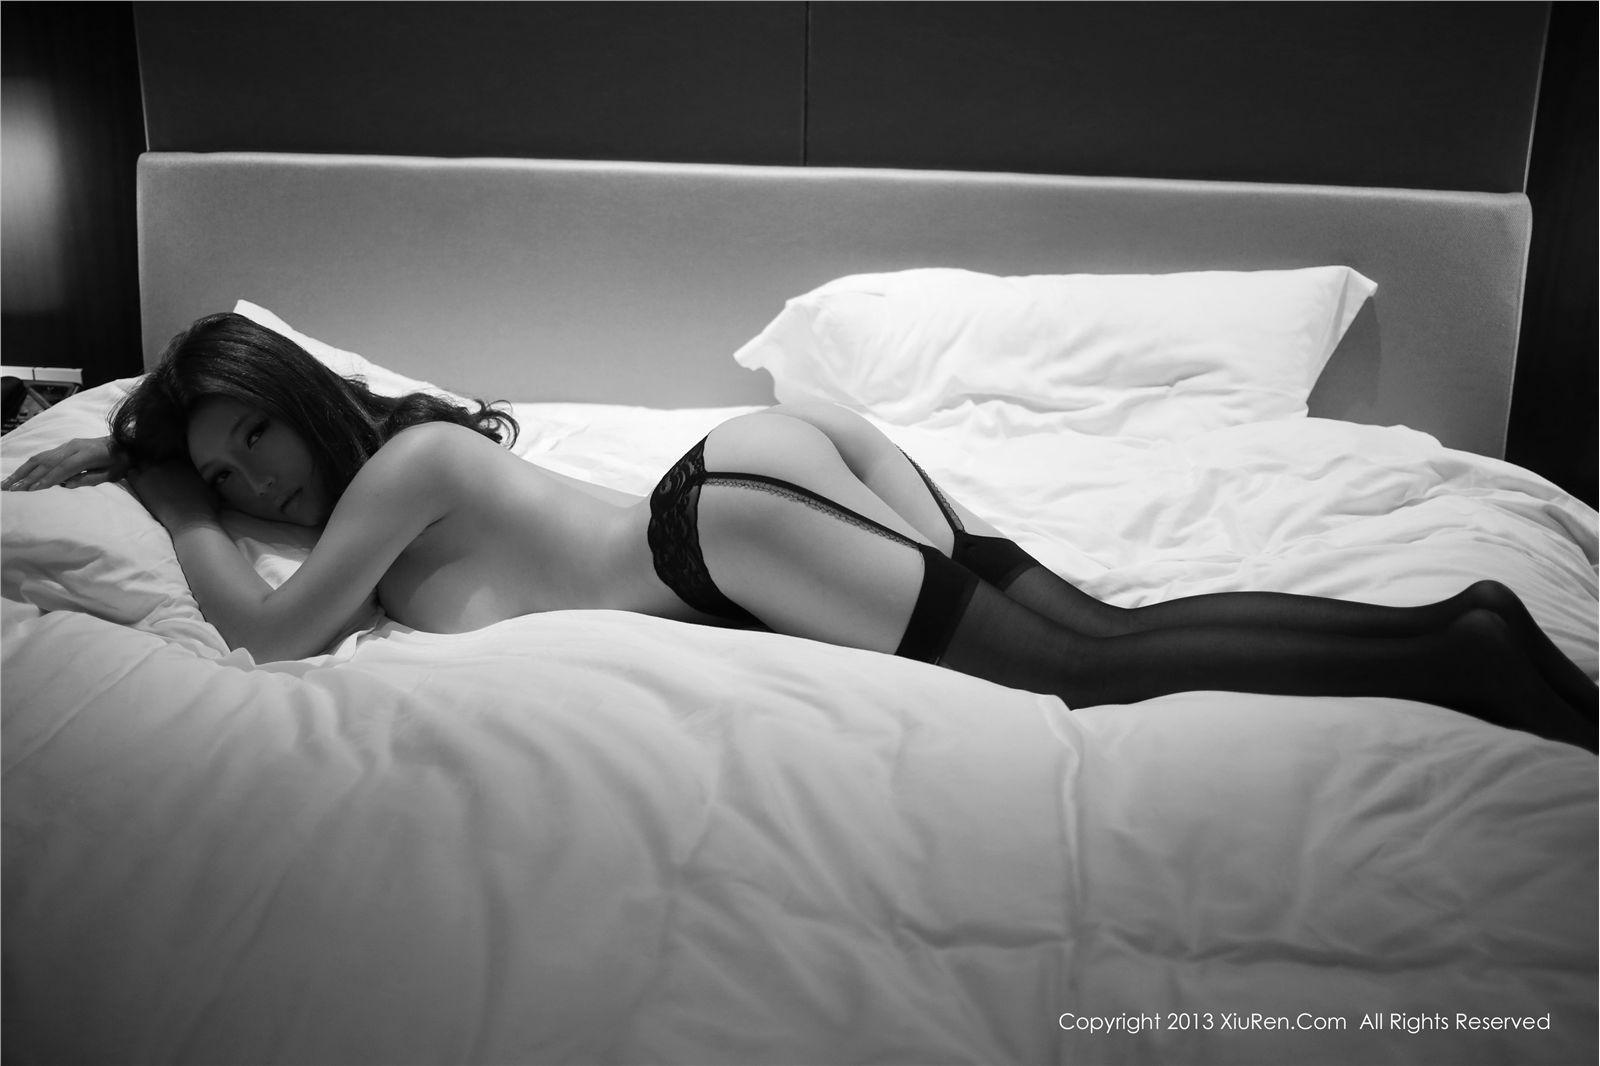 qq空间背景图片1280x822性感横躺美女图不要拼图